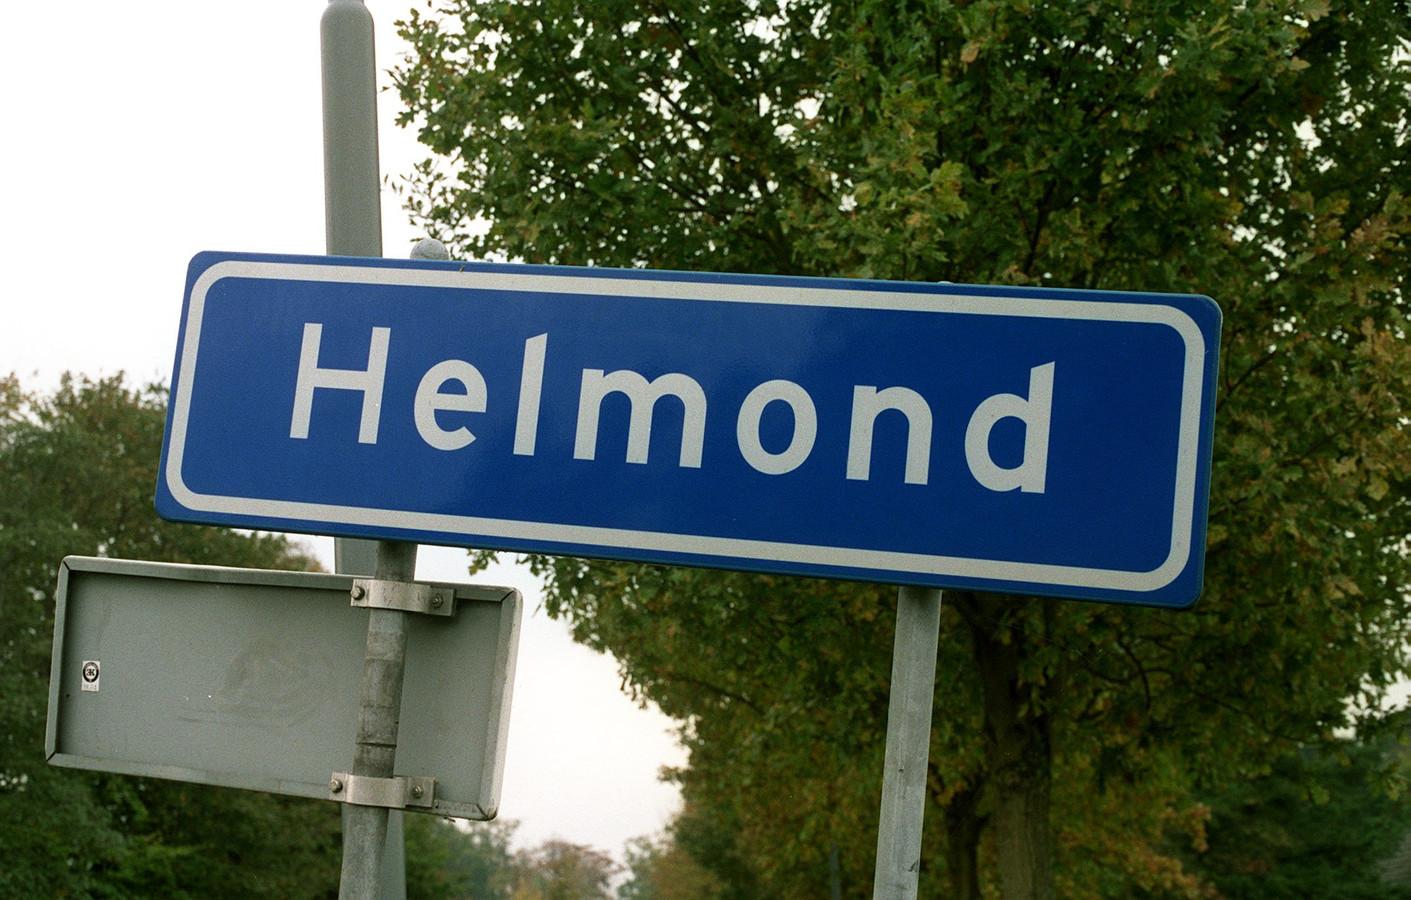 Een veelpleger met geestelijke problemen pleegt een deel van zijn diefstallen omdat hij opgenomen wil worden. Hij heeft hulp nodig. Maar niet in Helmond, want die plaats biedt veel te veel verleidingen, weet hij.